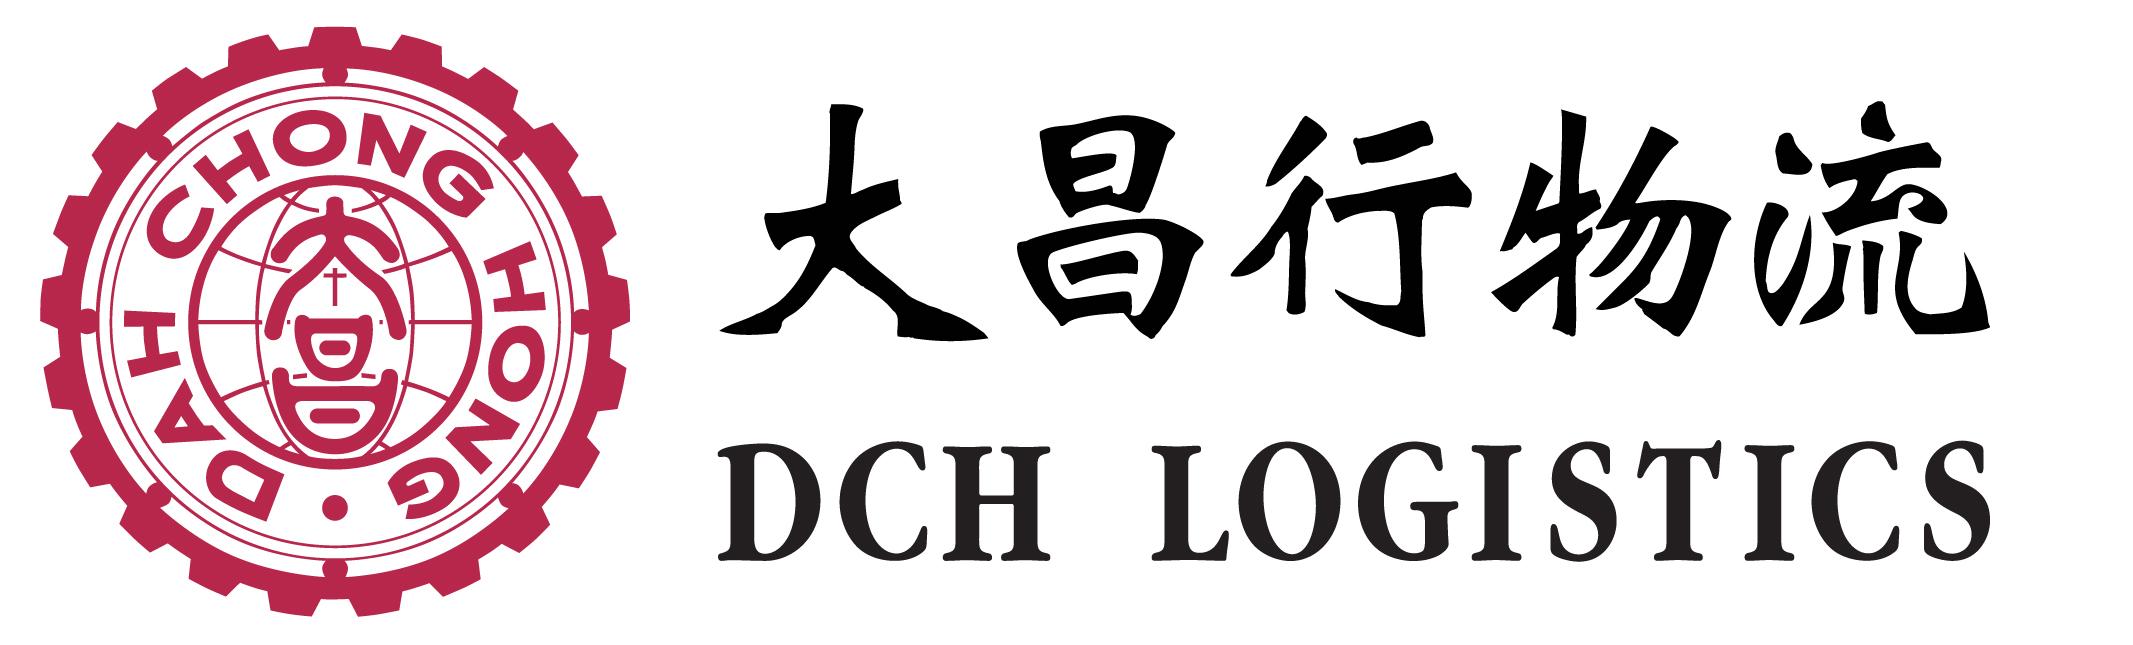 food scheme 2019 gold DCH Logistics